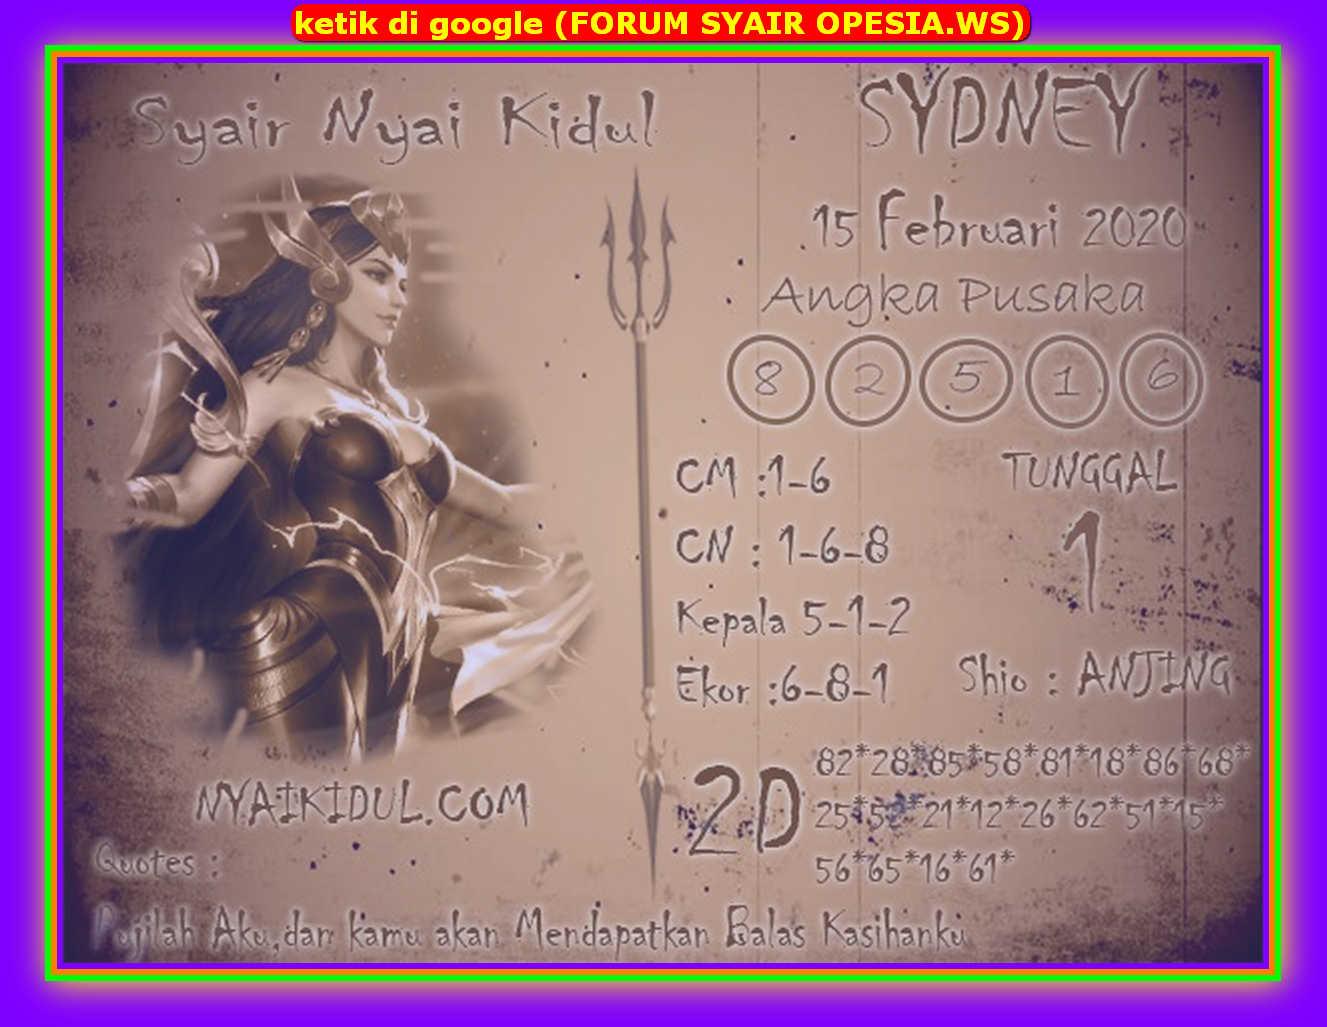 Kode syair Sydney Sabtu 15 Februari 2020 92